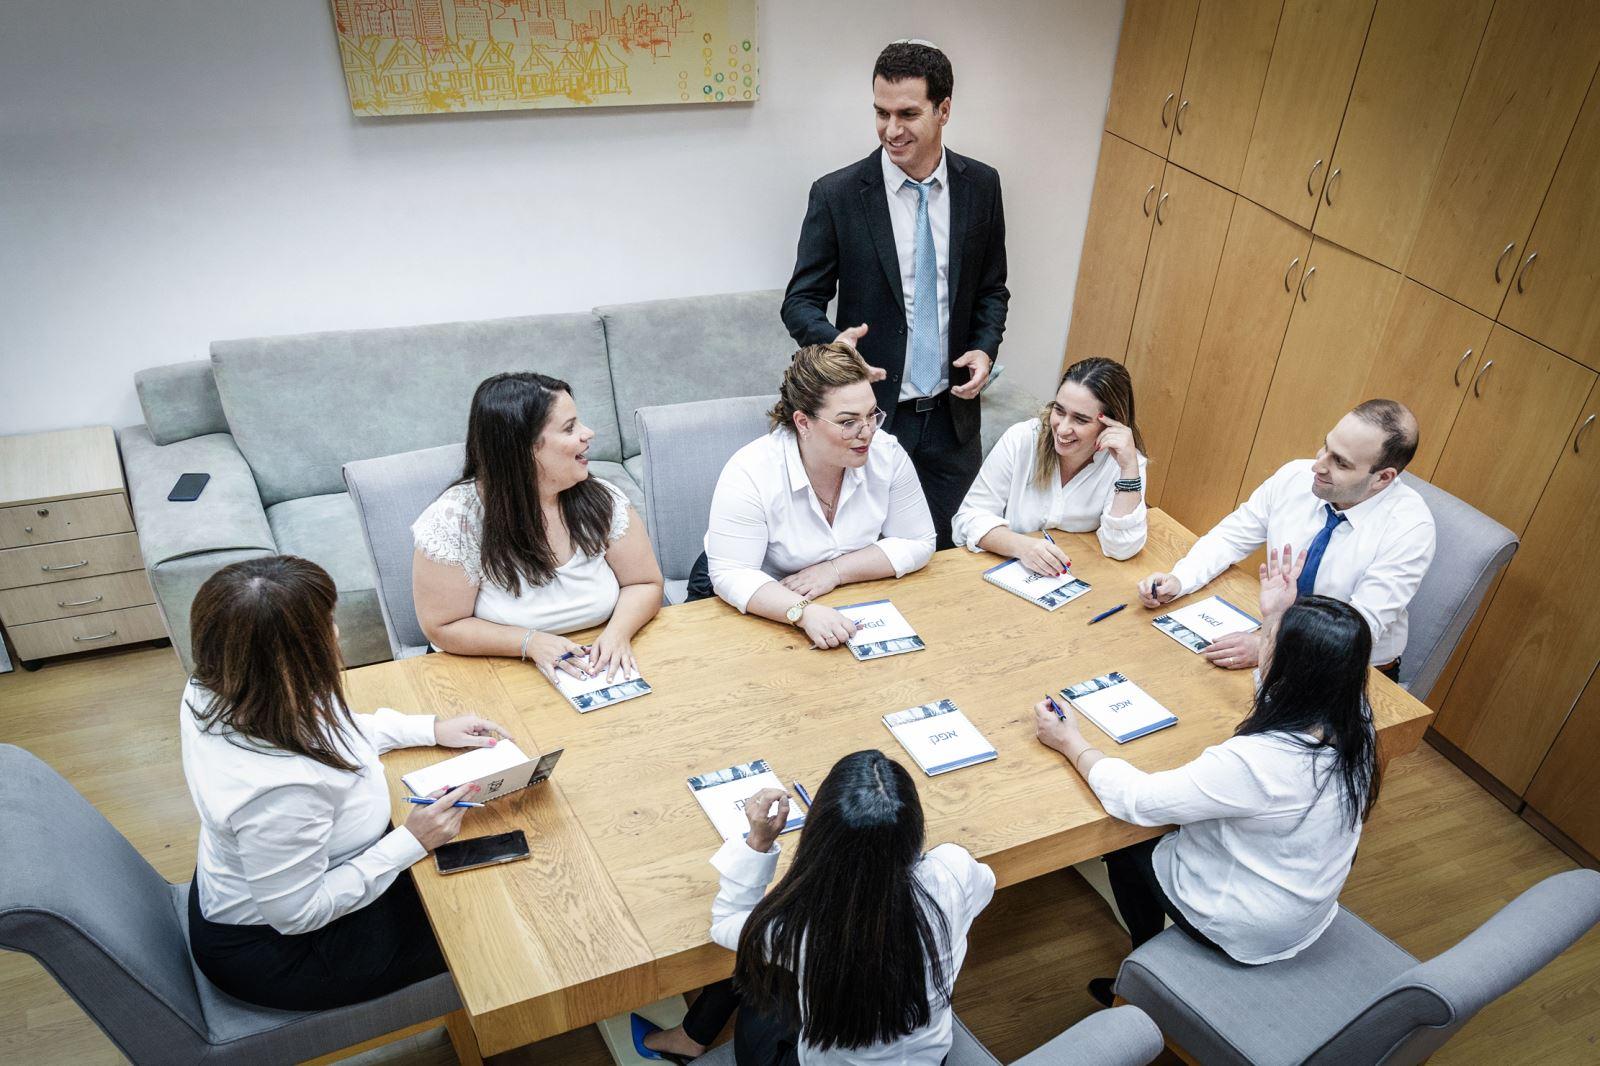 חברת ייעוץ משכנתאות - אפק פתרונות מימון